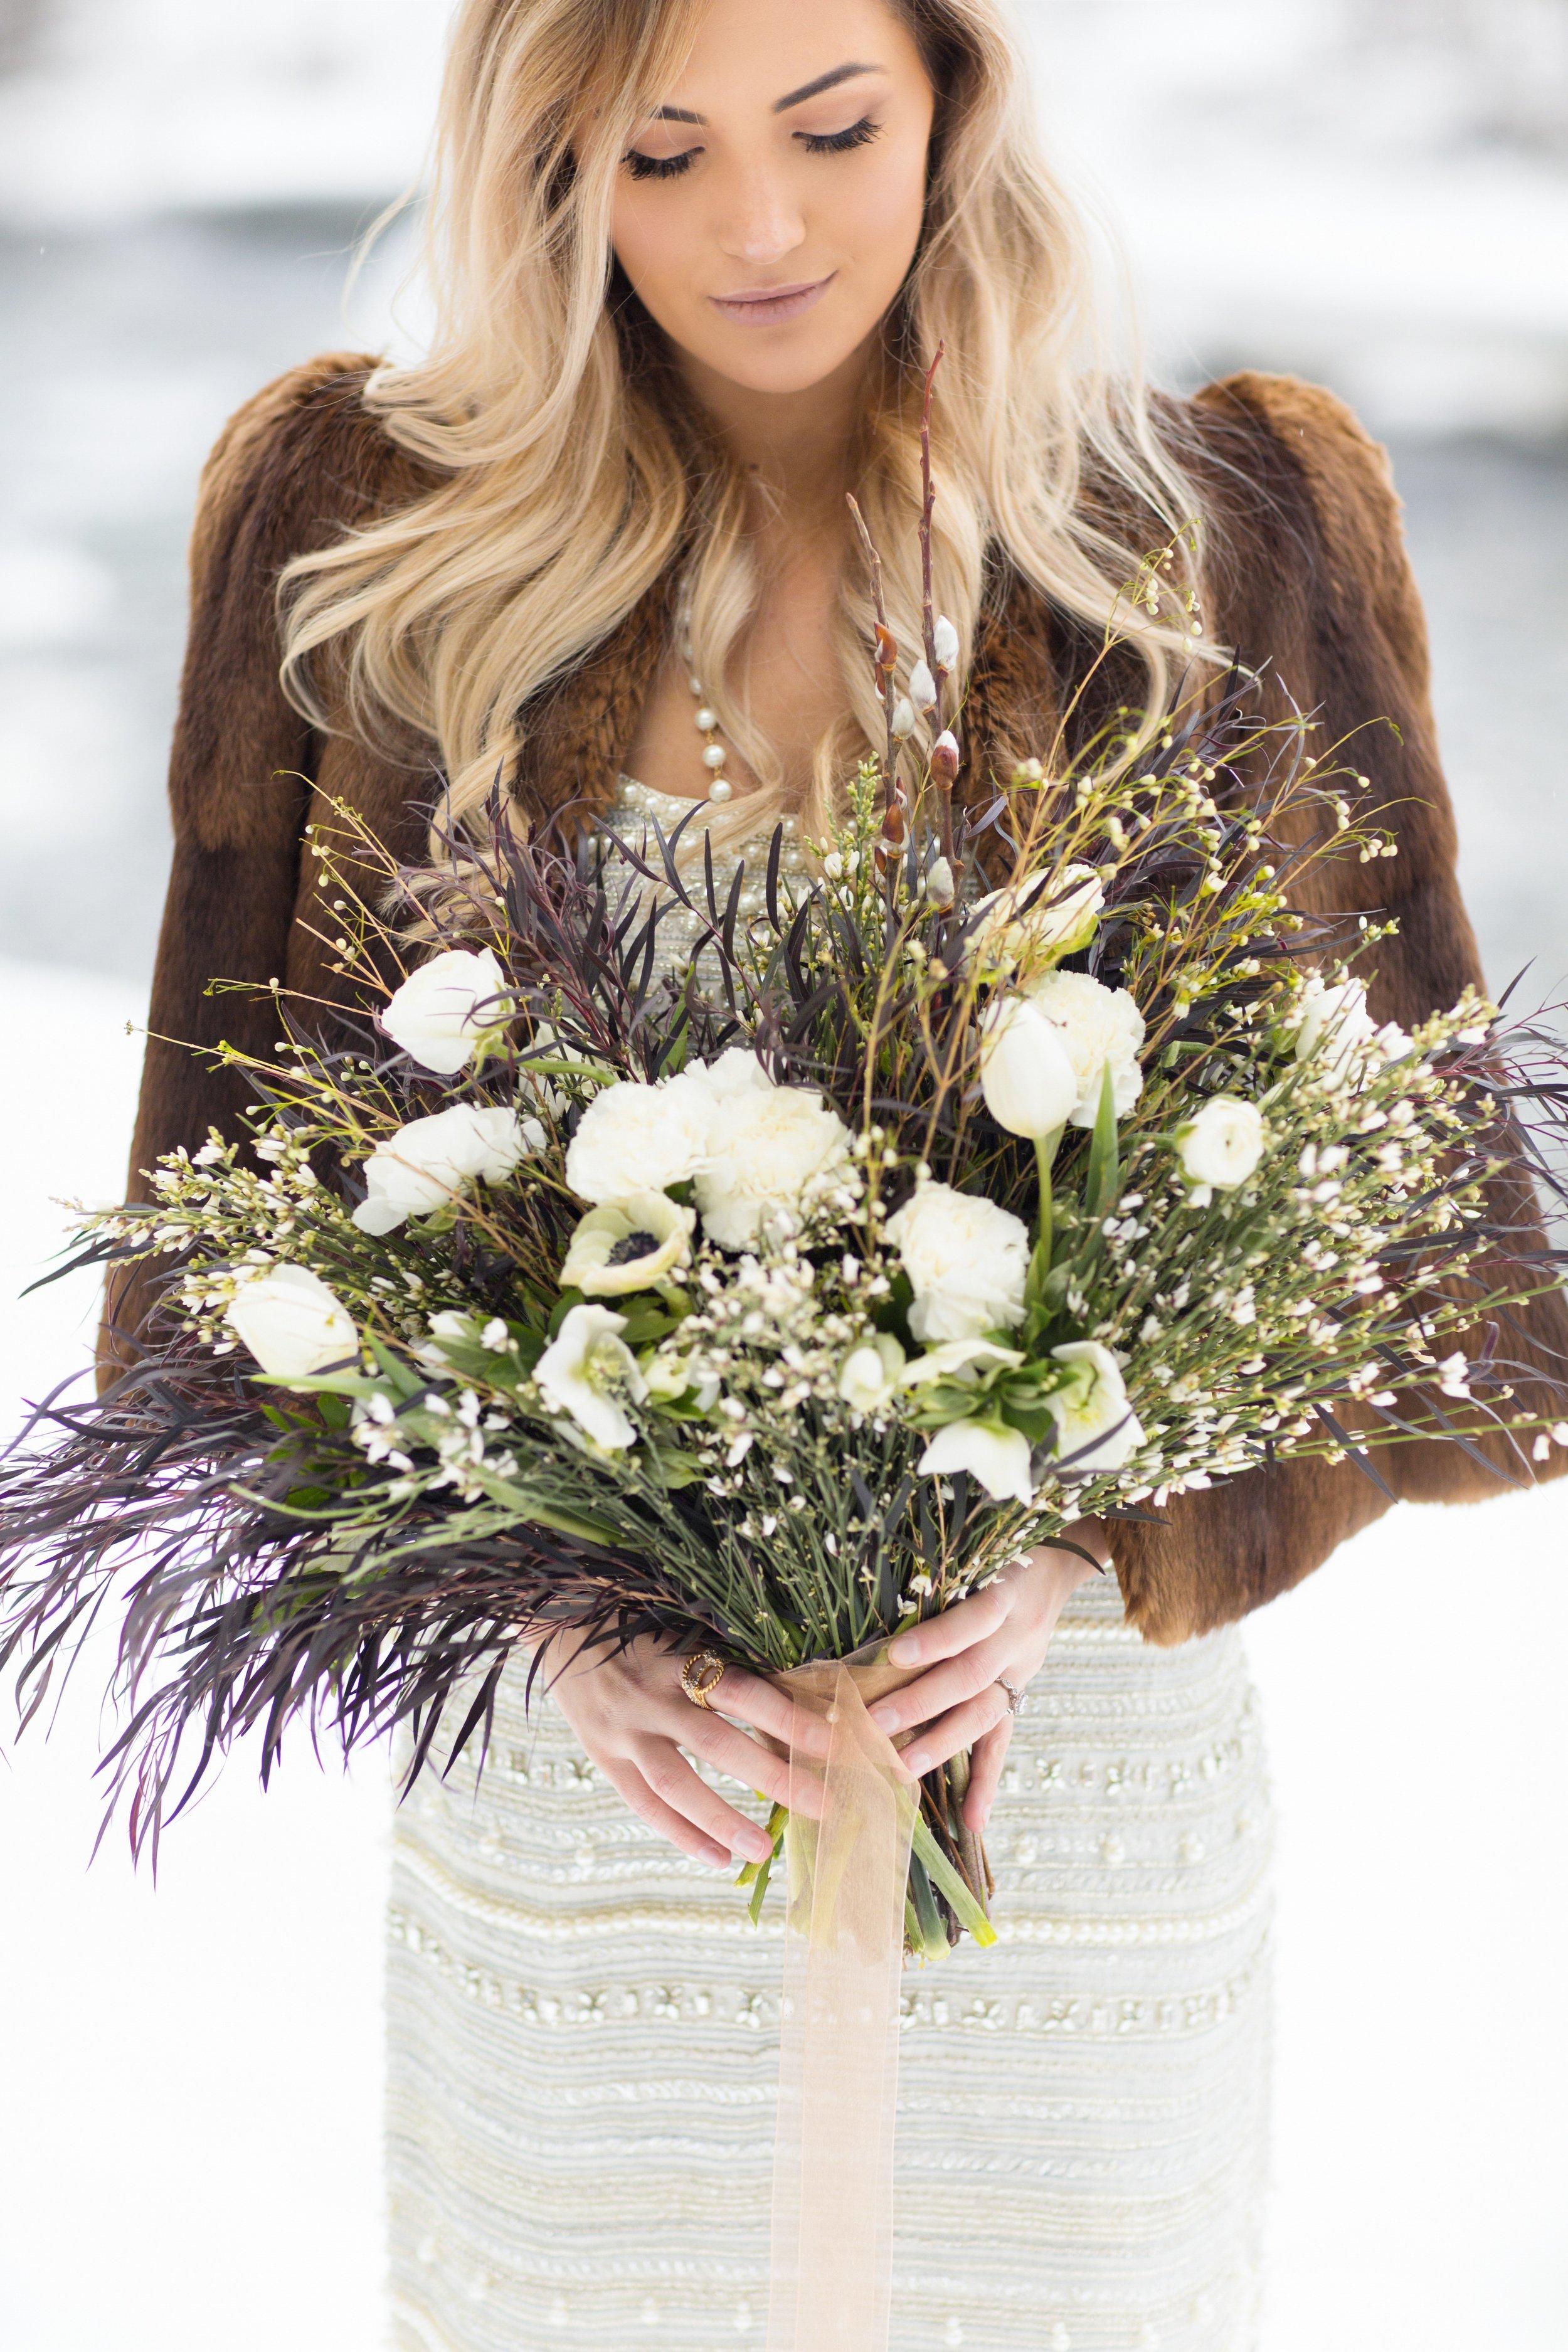 brideand herbouquet main .jpg